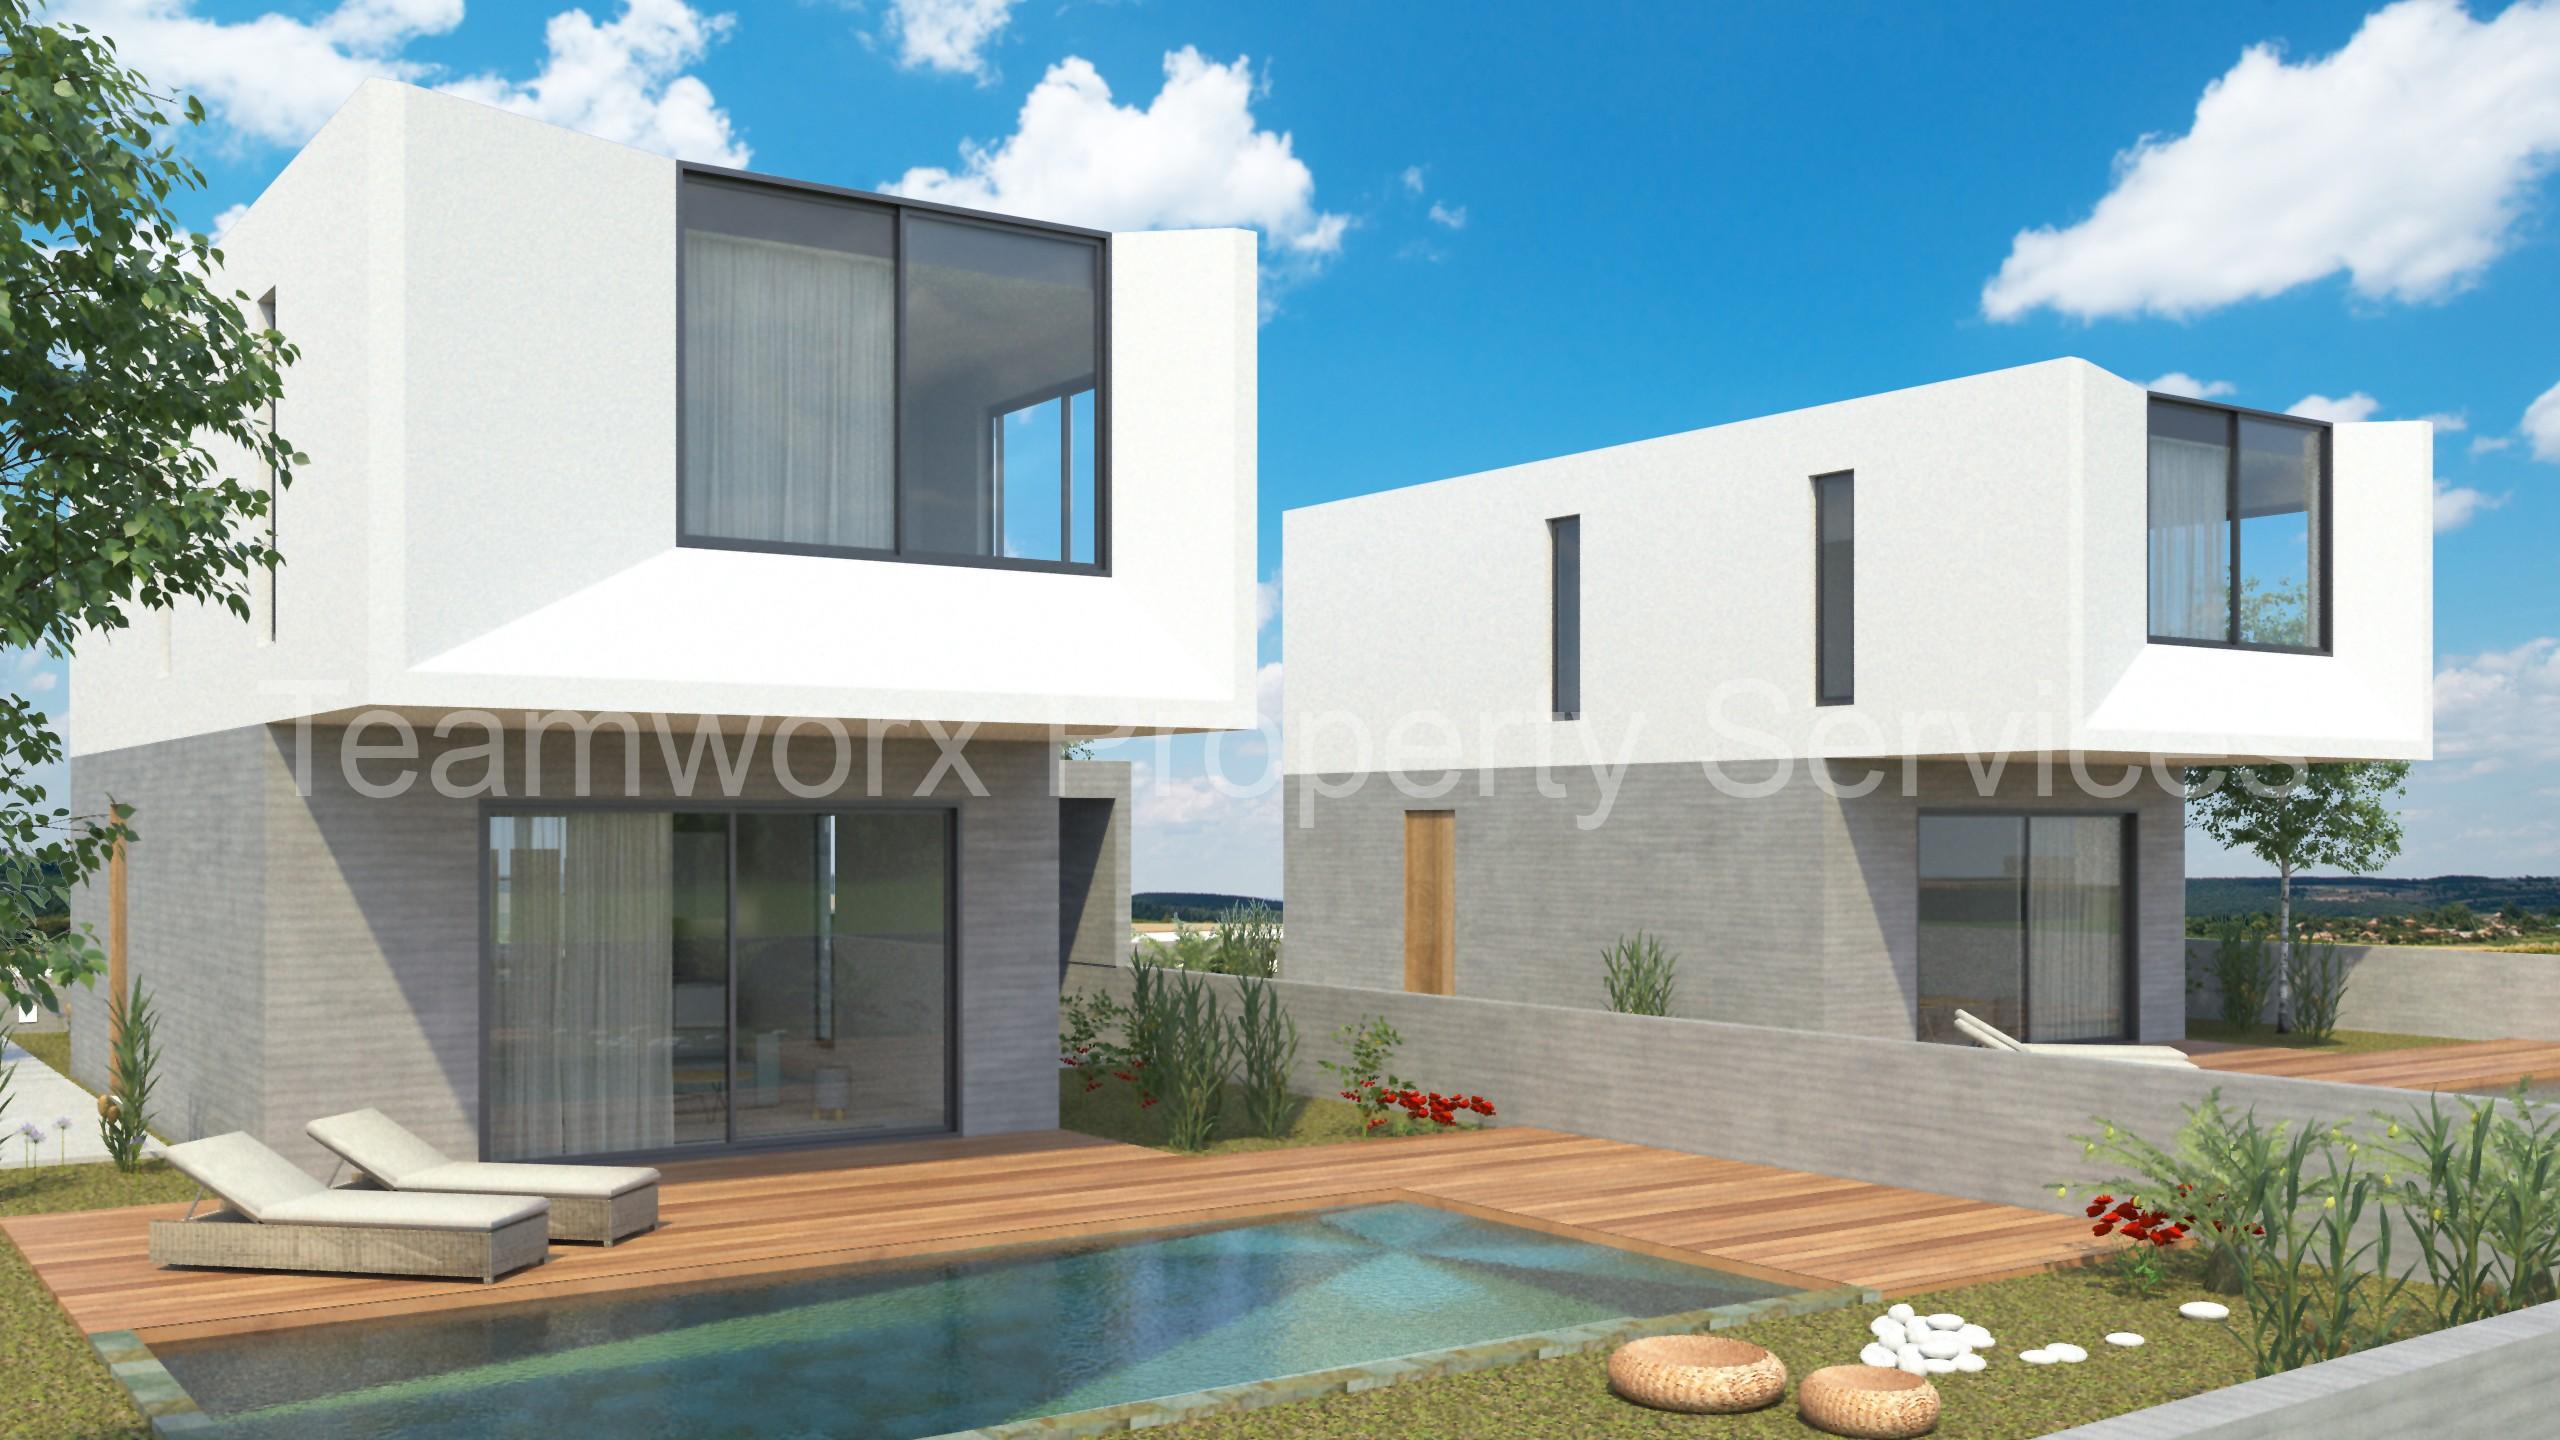 3 Bedroom Villas for Sale in Protaras